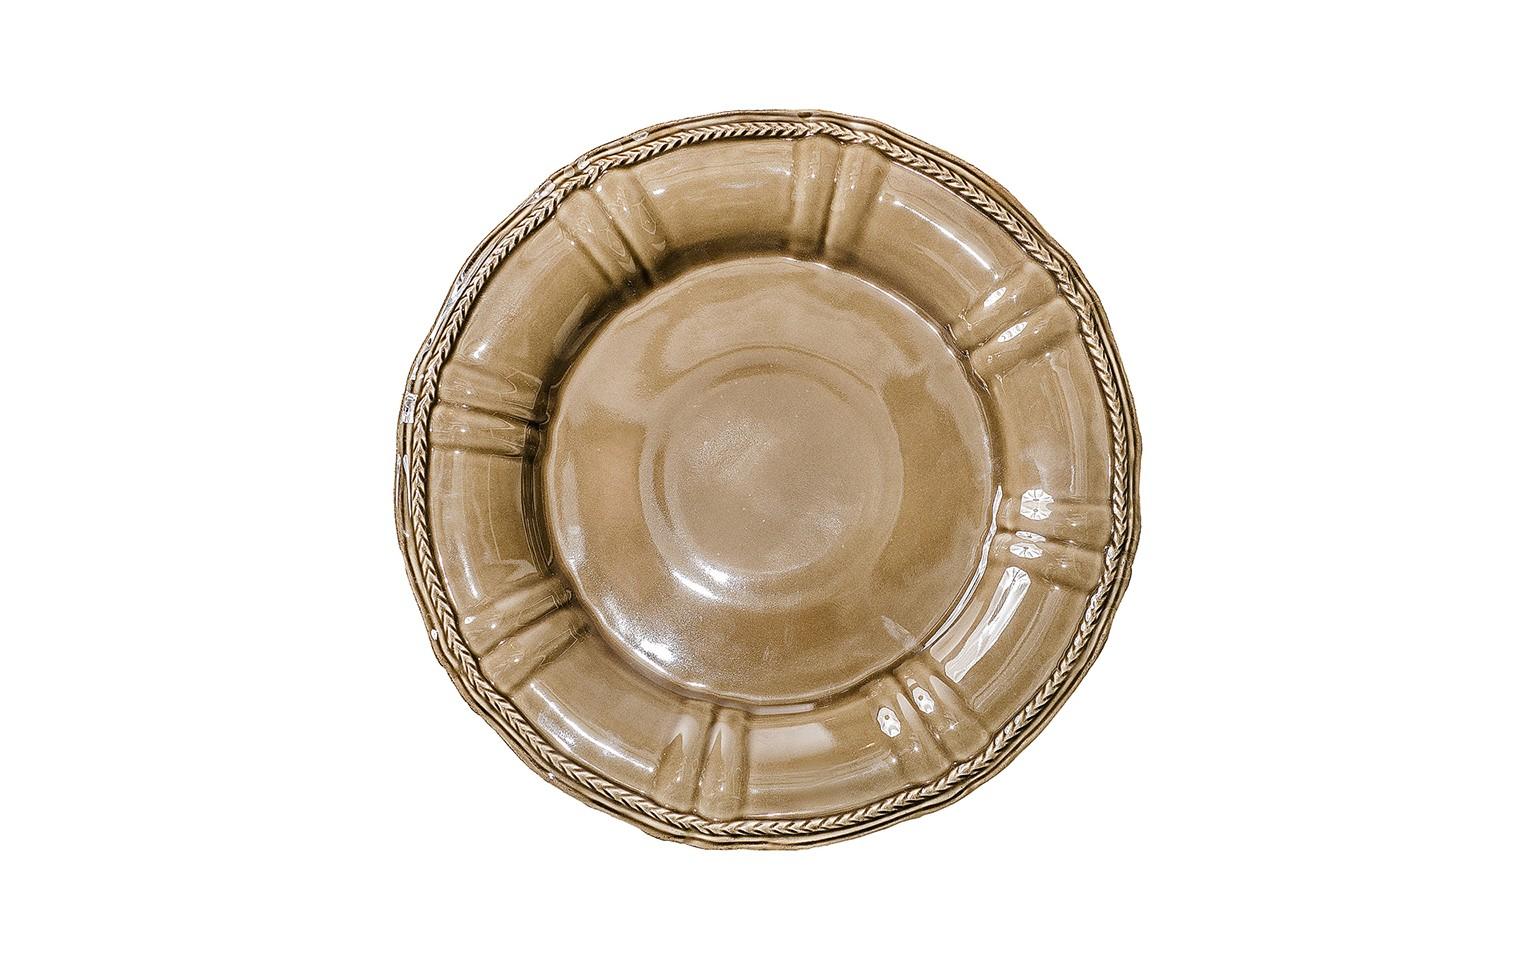 ТарелкаТарелки<br>Costa Nova (Португалия) – керамическая посуда из самого сердца Португалии. Керамическая посуда Costa Nova абсолютно устойчива к мытью, даже в посудомоечной машине, ее вполне можно использовать для замораживания продуктов и в микроволновой печи, при этом можно не бояться повредить эту великолепную глазурь и свежие краски. Такую посуду легко мыть, при ее очистке можно использовать металлические губки – и все это благодаря прочному глазурованному покрытию. Все серии посуды от Costa Nova отвечают международным стандартам качества. Керамическая посуда от Costa Nova не содержит такие вещества, как свинец и кадмий.<br><br>Material: Керамика<br>Diameter см: 33